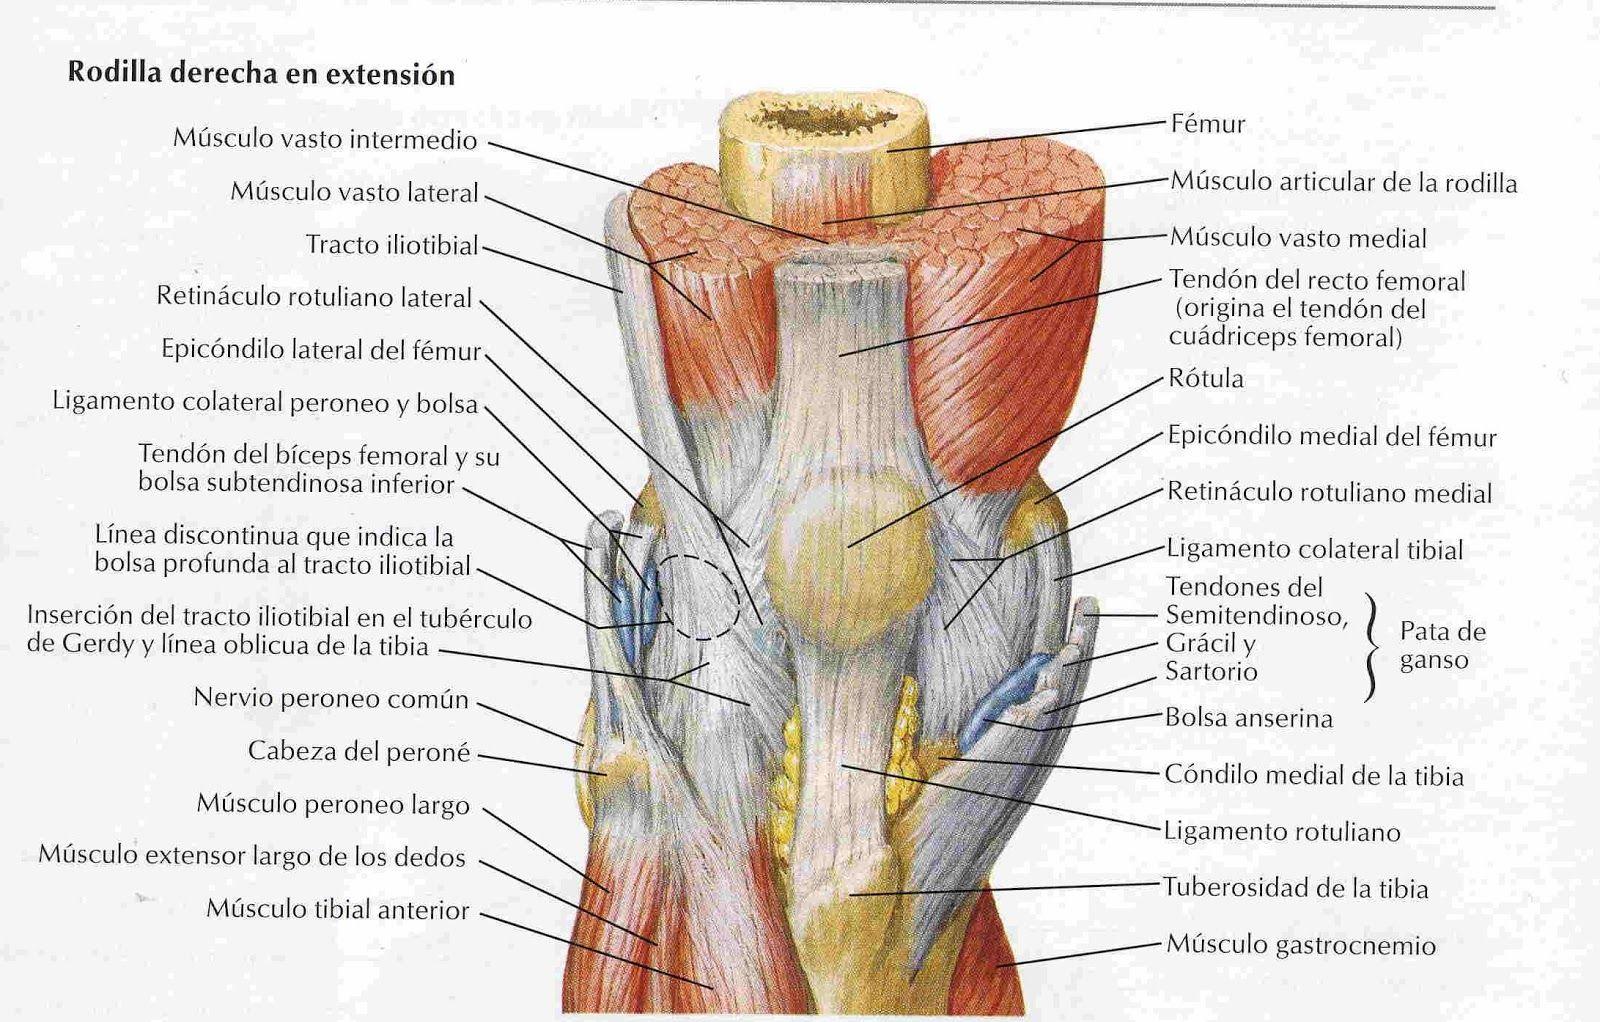 Elementos de Anatomía y Fisiología Humana: Rodilla | Miembro ...